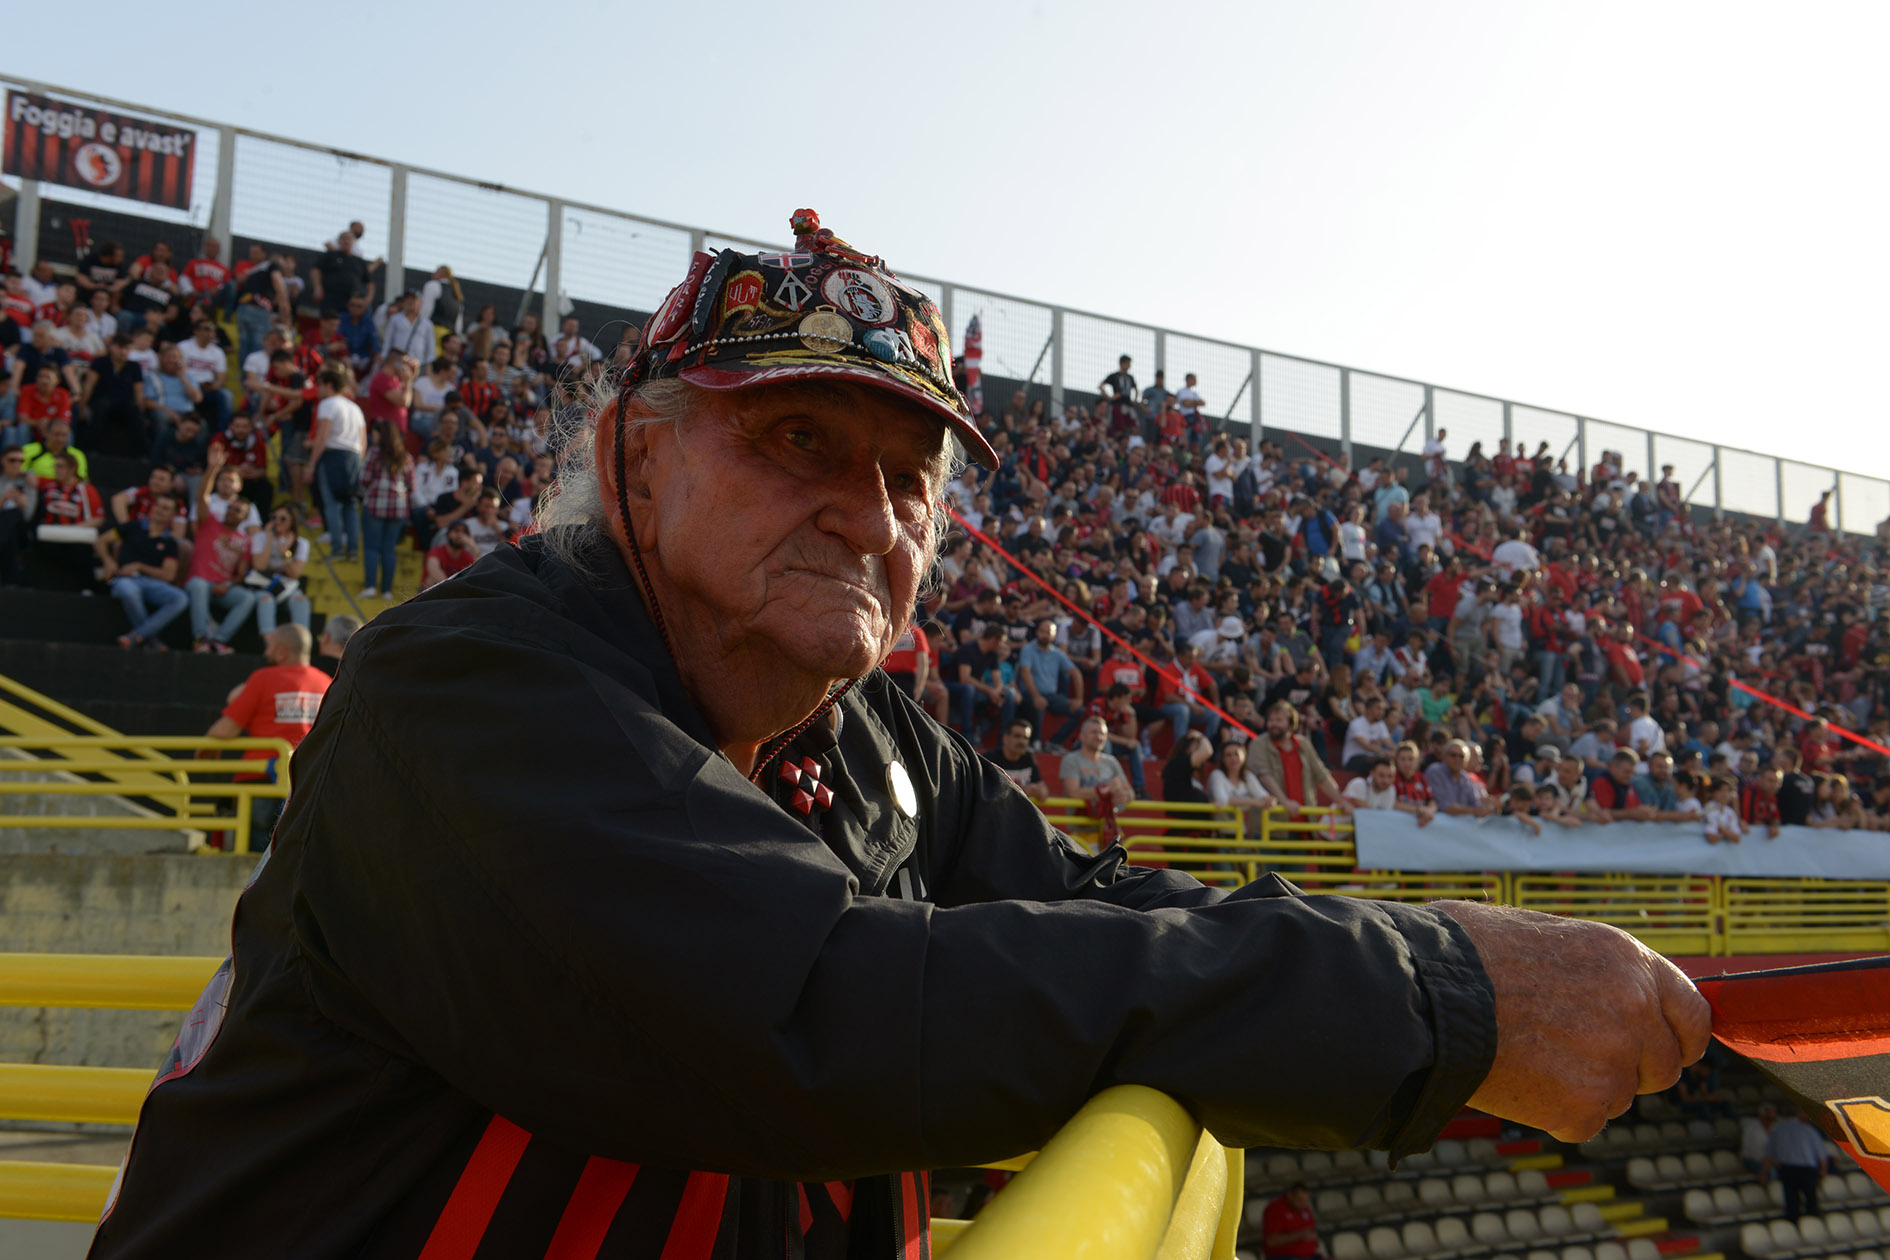 Nonno Ciccio: «Wenn ich an meine Jungs denke, die jungen Ultràs von heute, die Krieg wollen, dann ist mir zum Heulen zu Mute.»